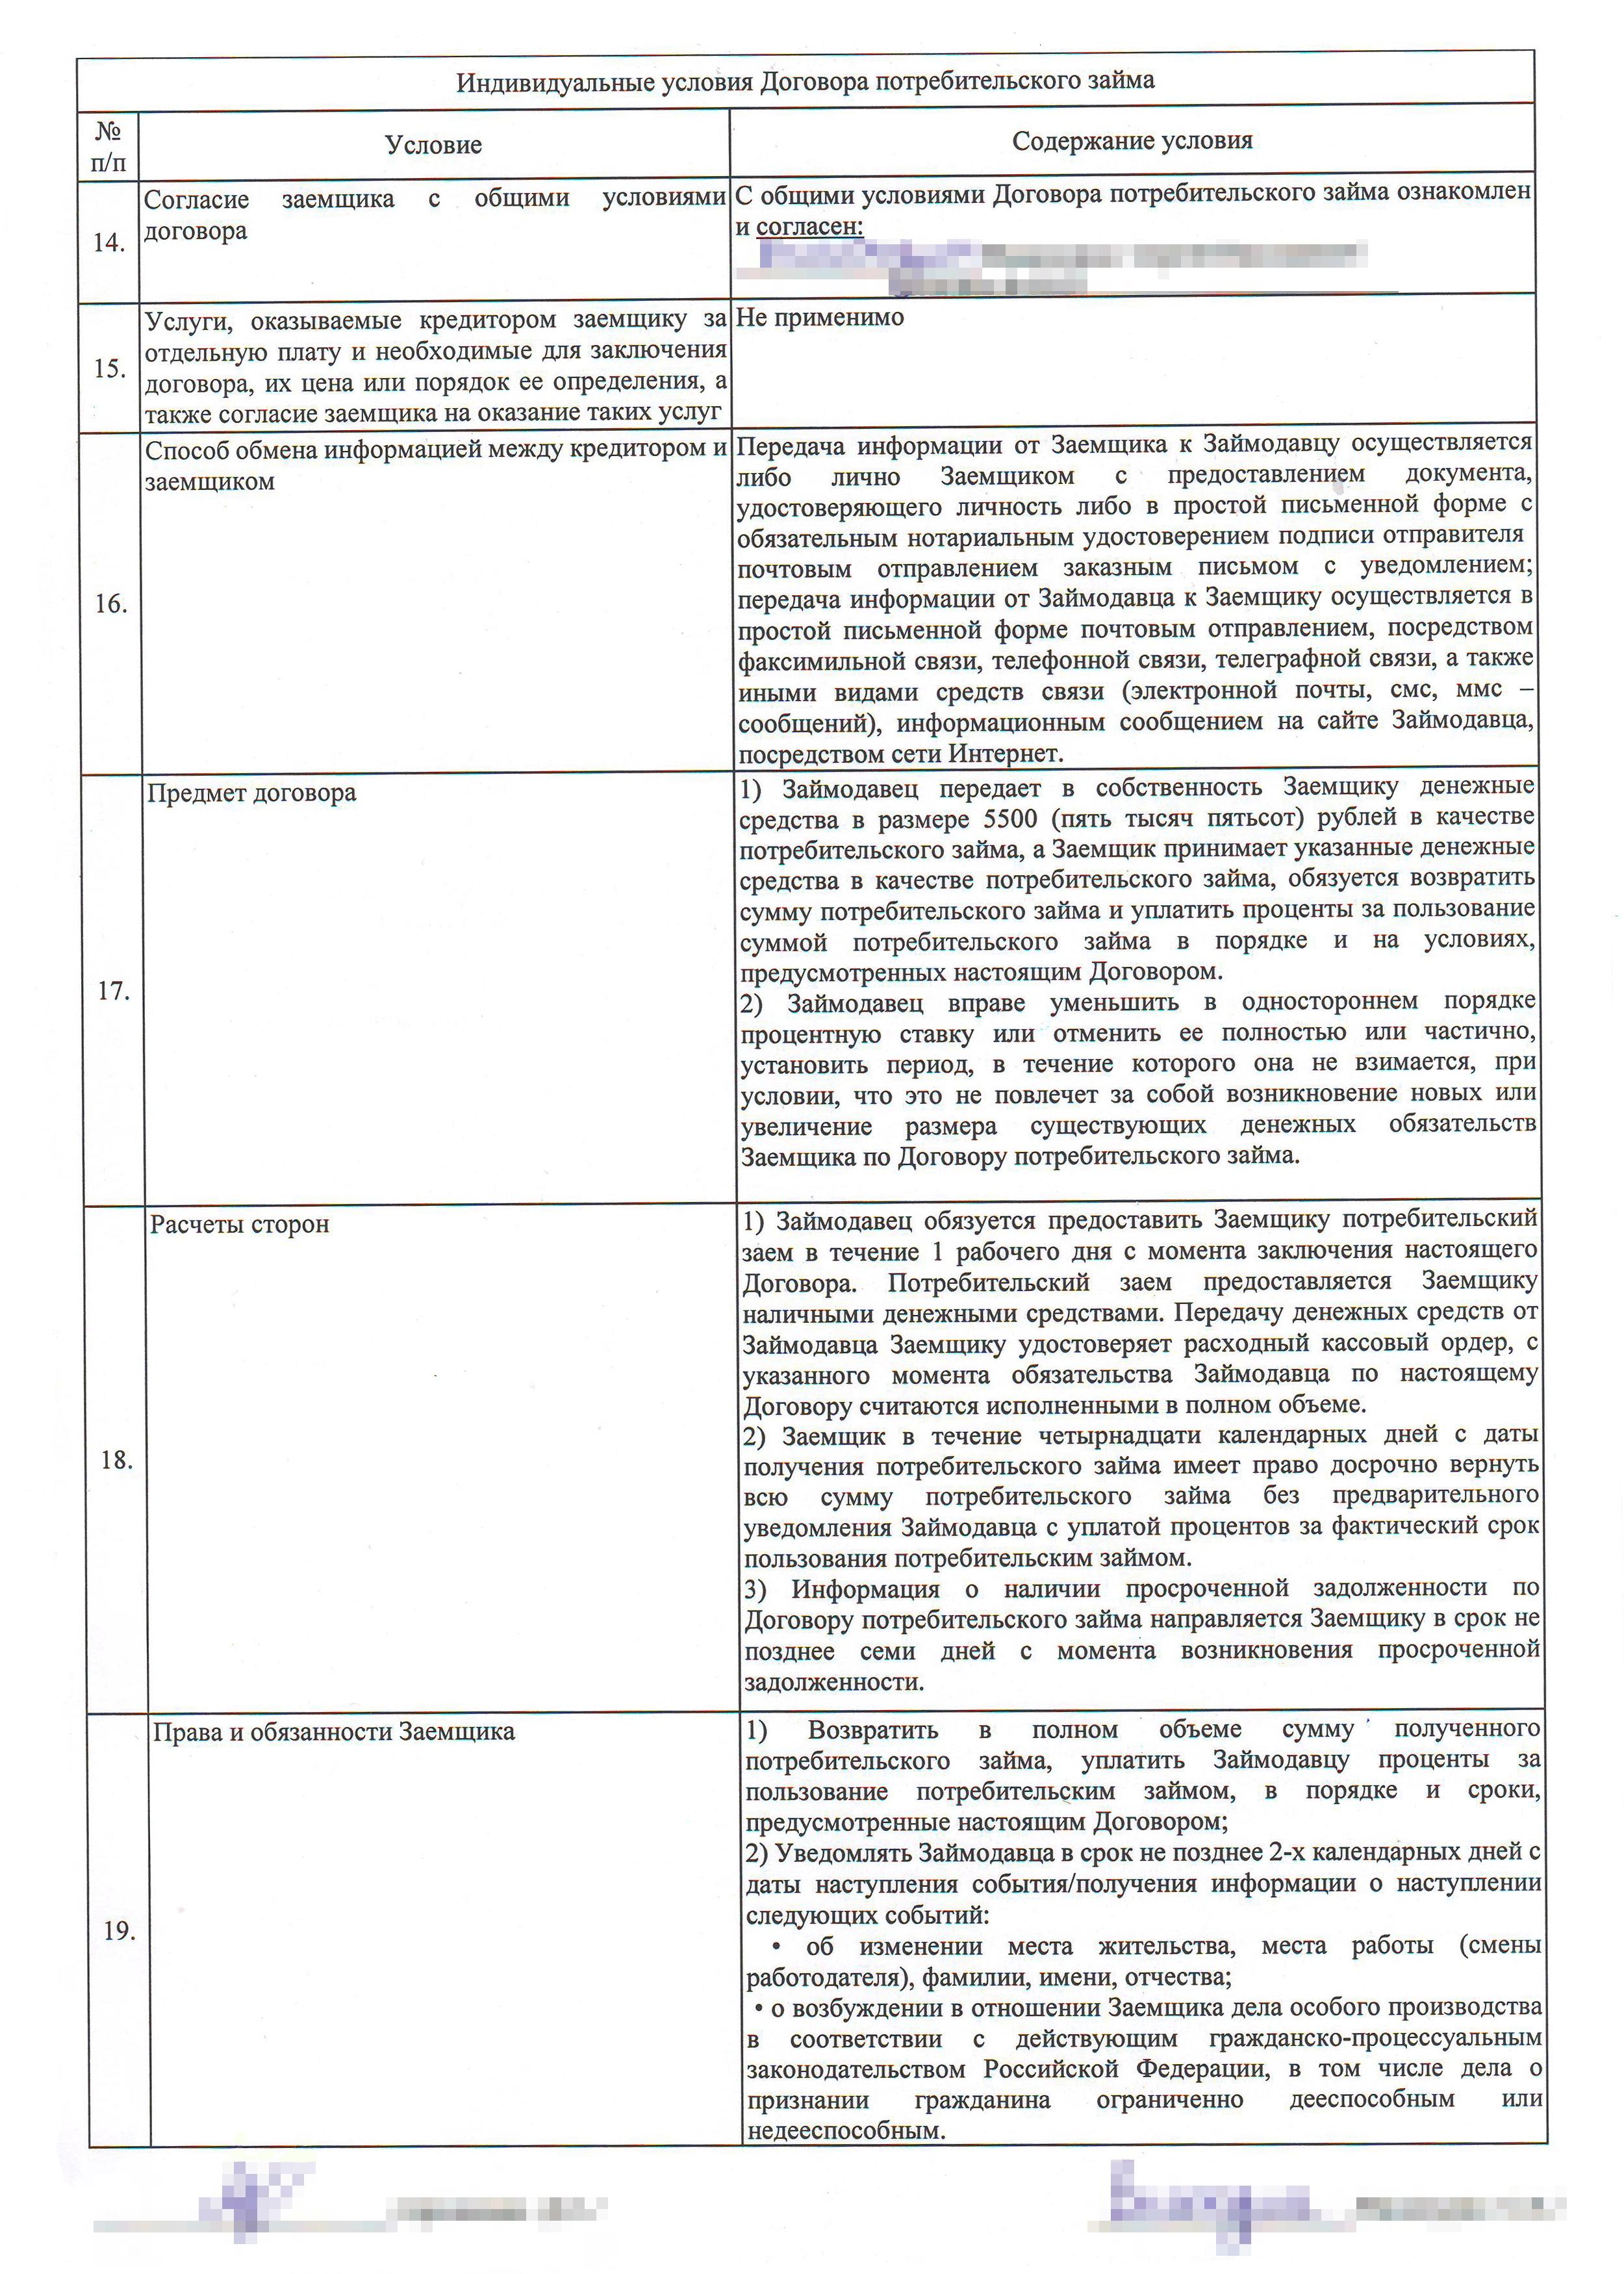 все российские займы микрокредиты в полном объеме калькулятор ипотеки сбербанка 2020 год рассчитать онлайн вторичка спб